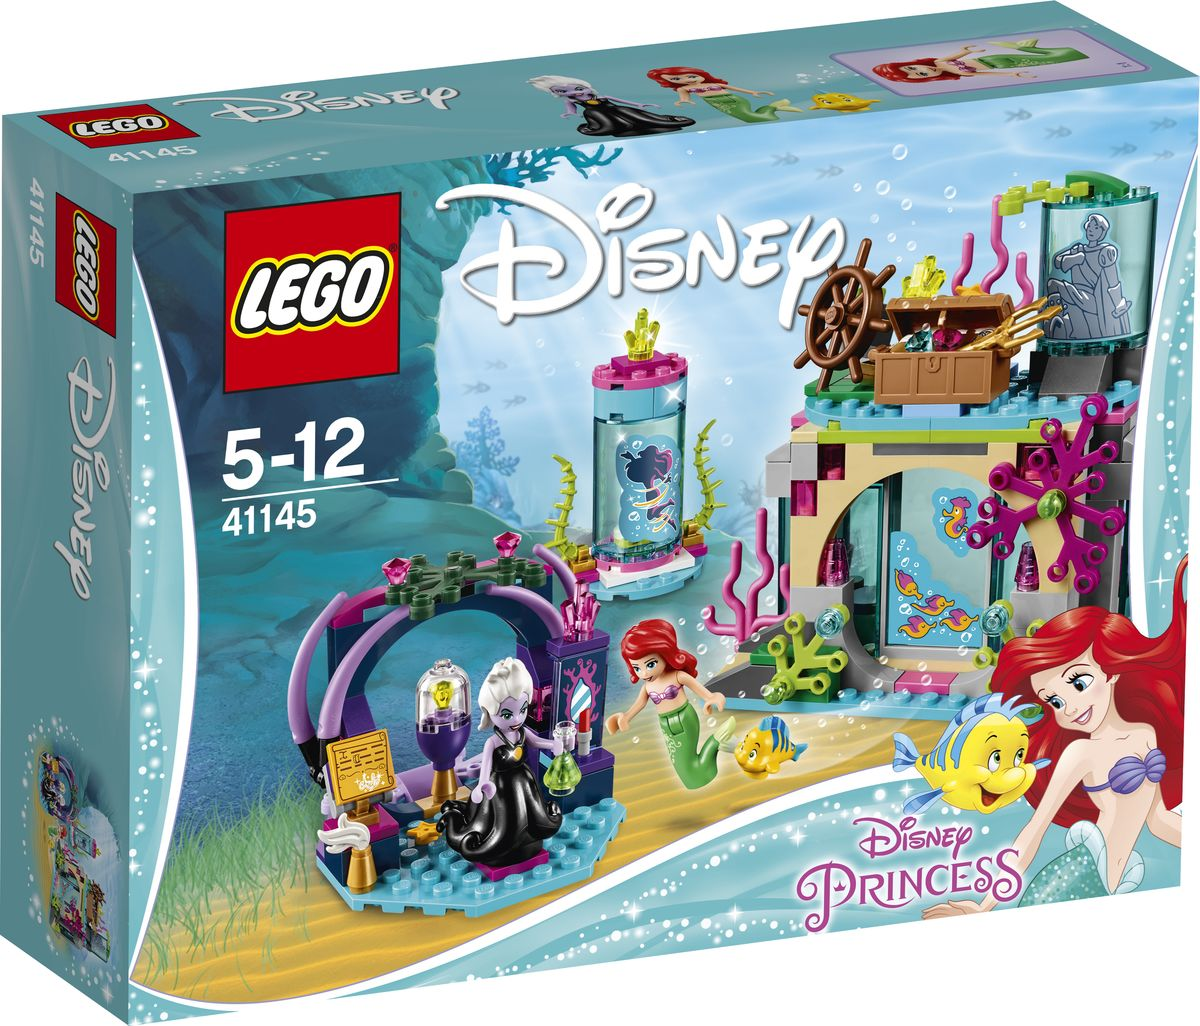 LEGO Disney Princess Конструктор Ариэль и магическое заклятье 41145 конструктор lego disney princesses ариэль и магическое заклятье 222 элемента 41145